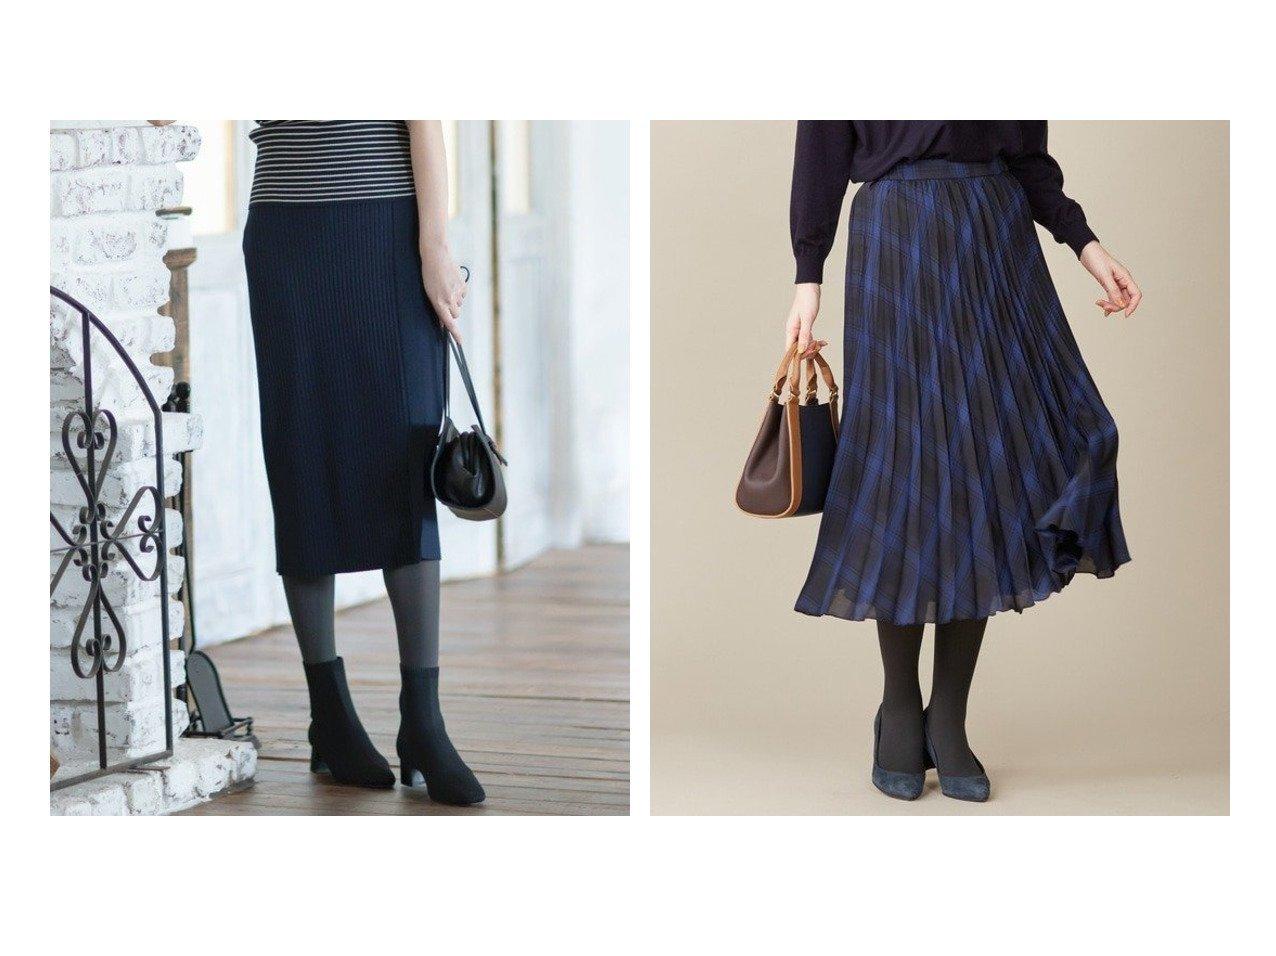 【KUMIKYOKU/組曲】の【洗える】スムースストレッチ リブニットスカート&【J.PRESS/ジェイ プレス】の【洗える】シアーチェックライト スカート スカートのおすすめ!人気、トレンド・レディースファッションの通販  おすすめで人気の流行・トレンド、ファッションの通販商品 メンズファッション・キッズファッション・インテリア・家具・レディースファッション・服の通販 founy(ファニー) https://founy.com/ ファッション Fashion レディースファッション WOMEN スカート Skirt 洗える カーディガン コンパクト ストレッチ スリット ラップ A/W 秋冬 AW Autumn/Winter / FW Fall-Winter 2020年 2020 2020-2021 秋冬 A/W AW Autumn/Winter / FW Fall-Winter 2020-2021 送料無料 Free Shipping チェック フレア プリーツ 再入荷 Restock/Back in Stock/Re Arrival 秋 |ID:crp329100000009743